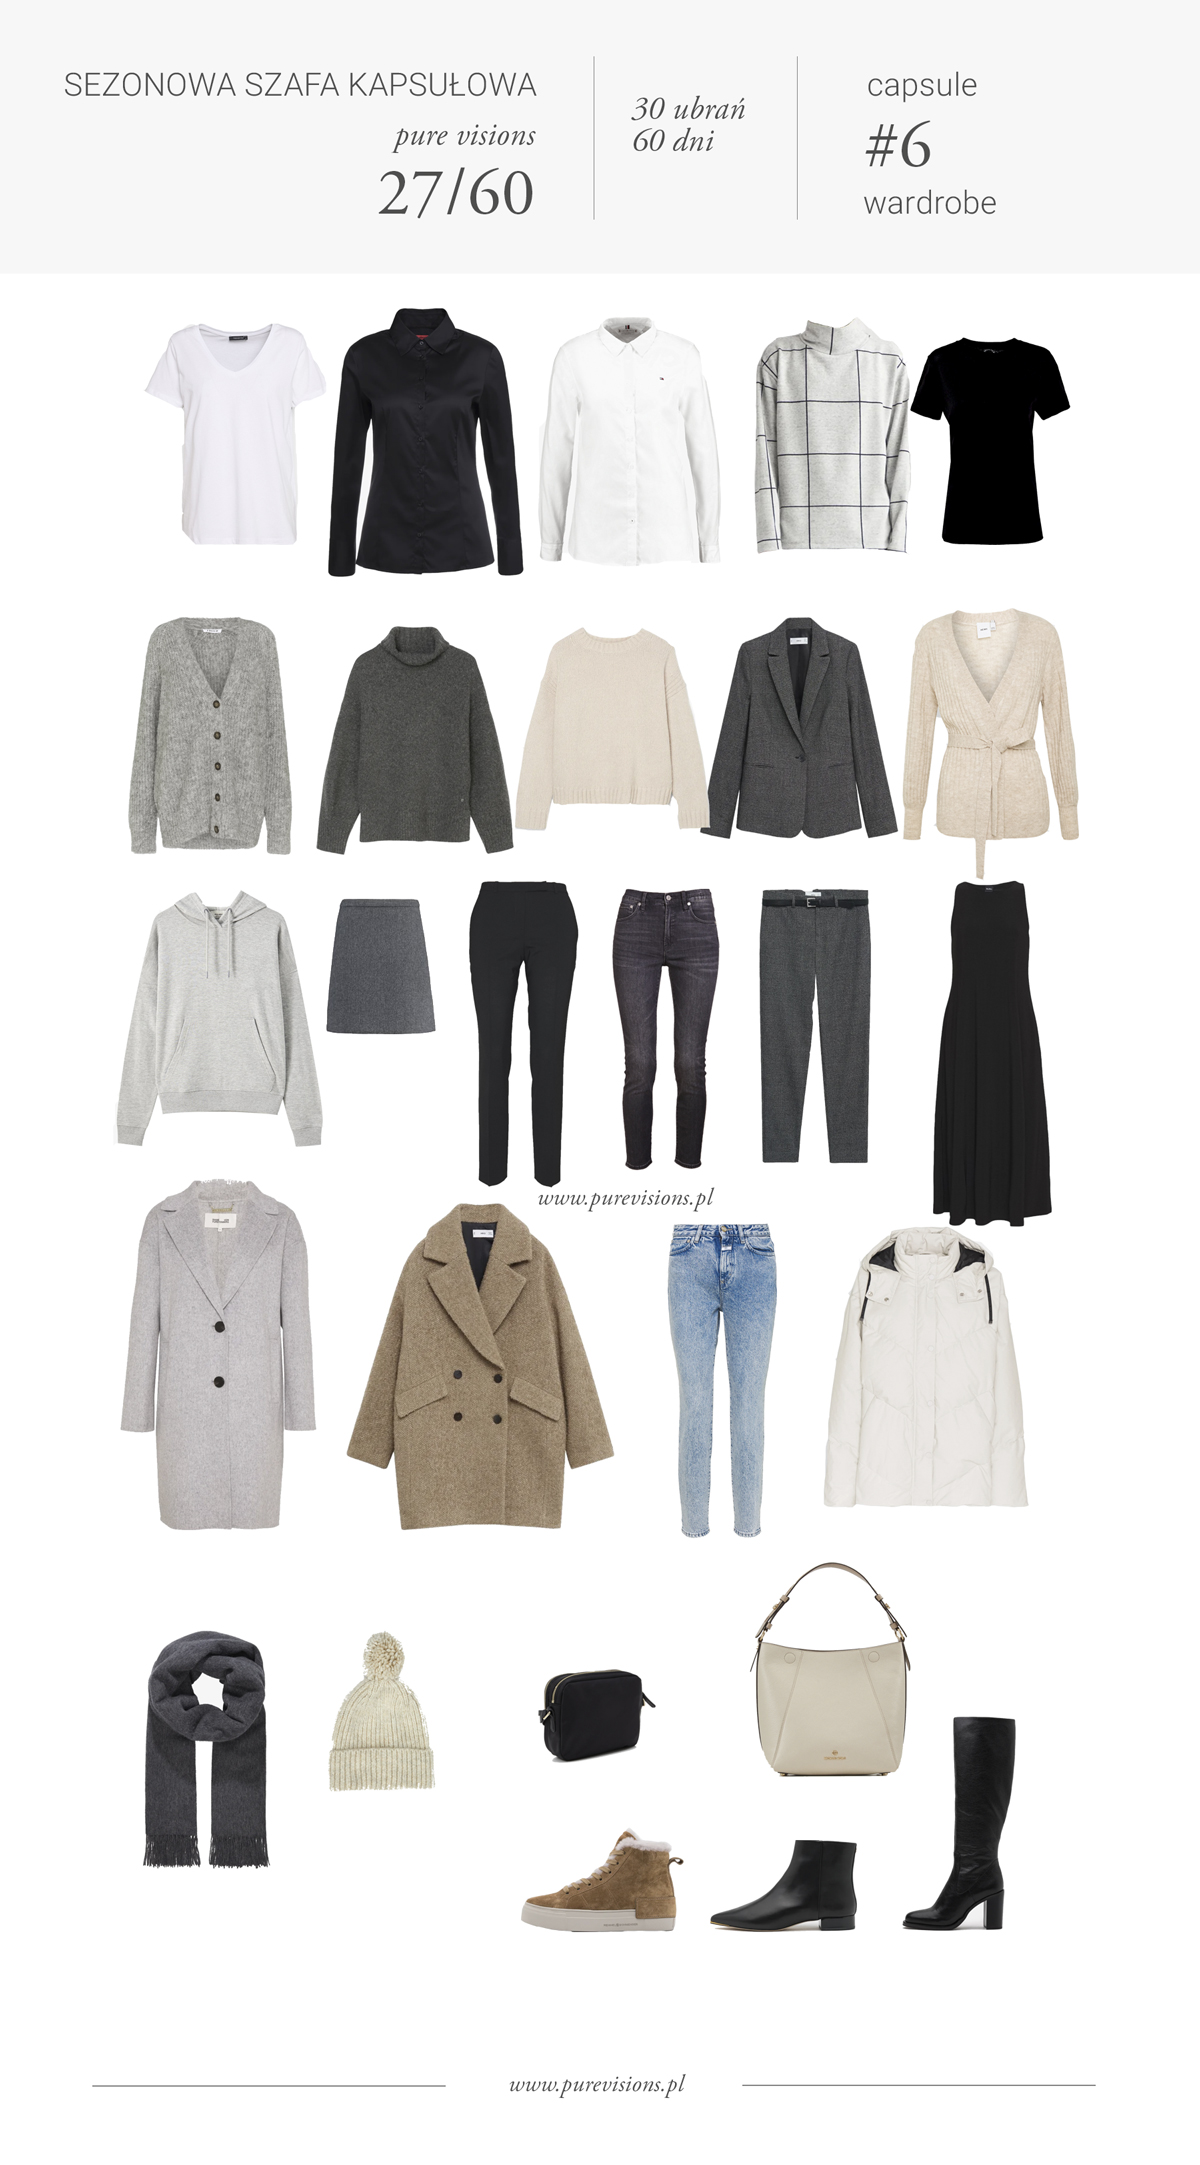 Garderoba kapsułowa na zimę przykład